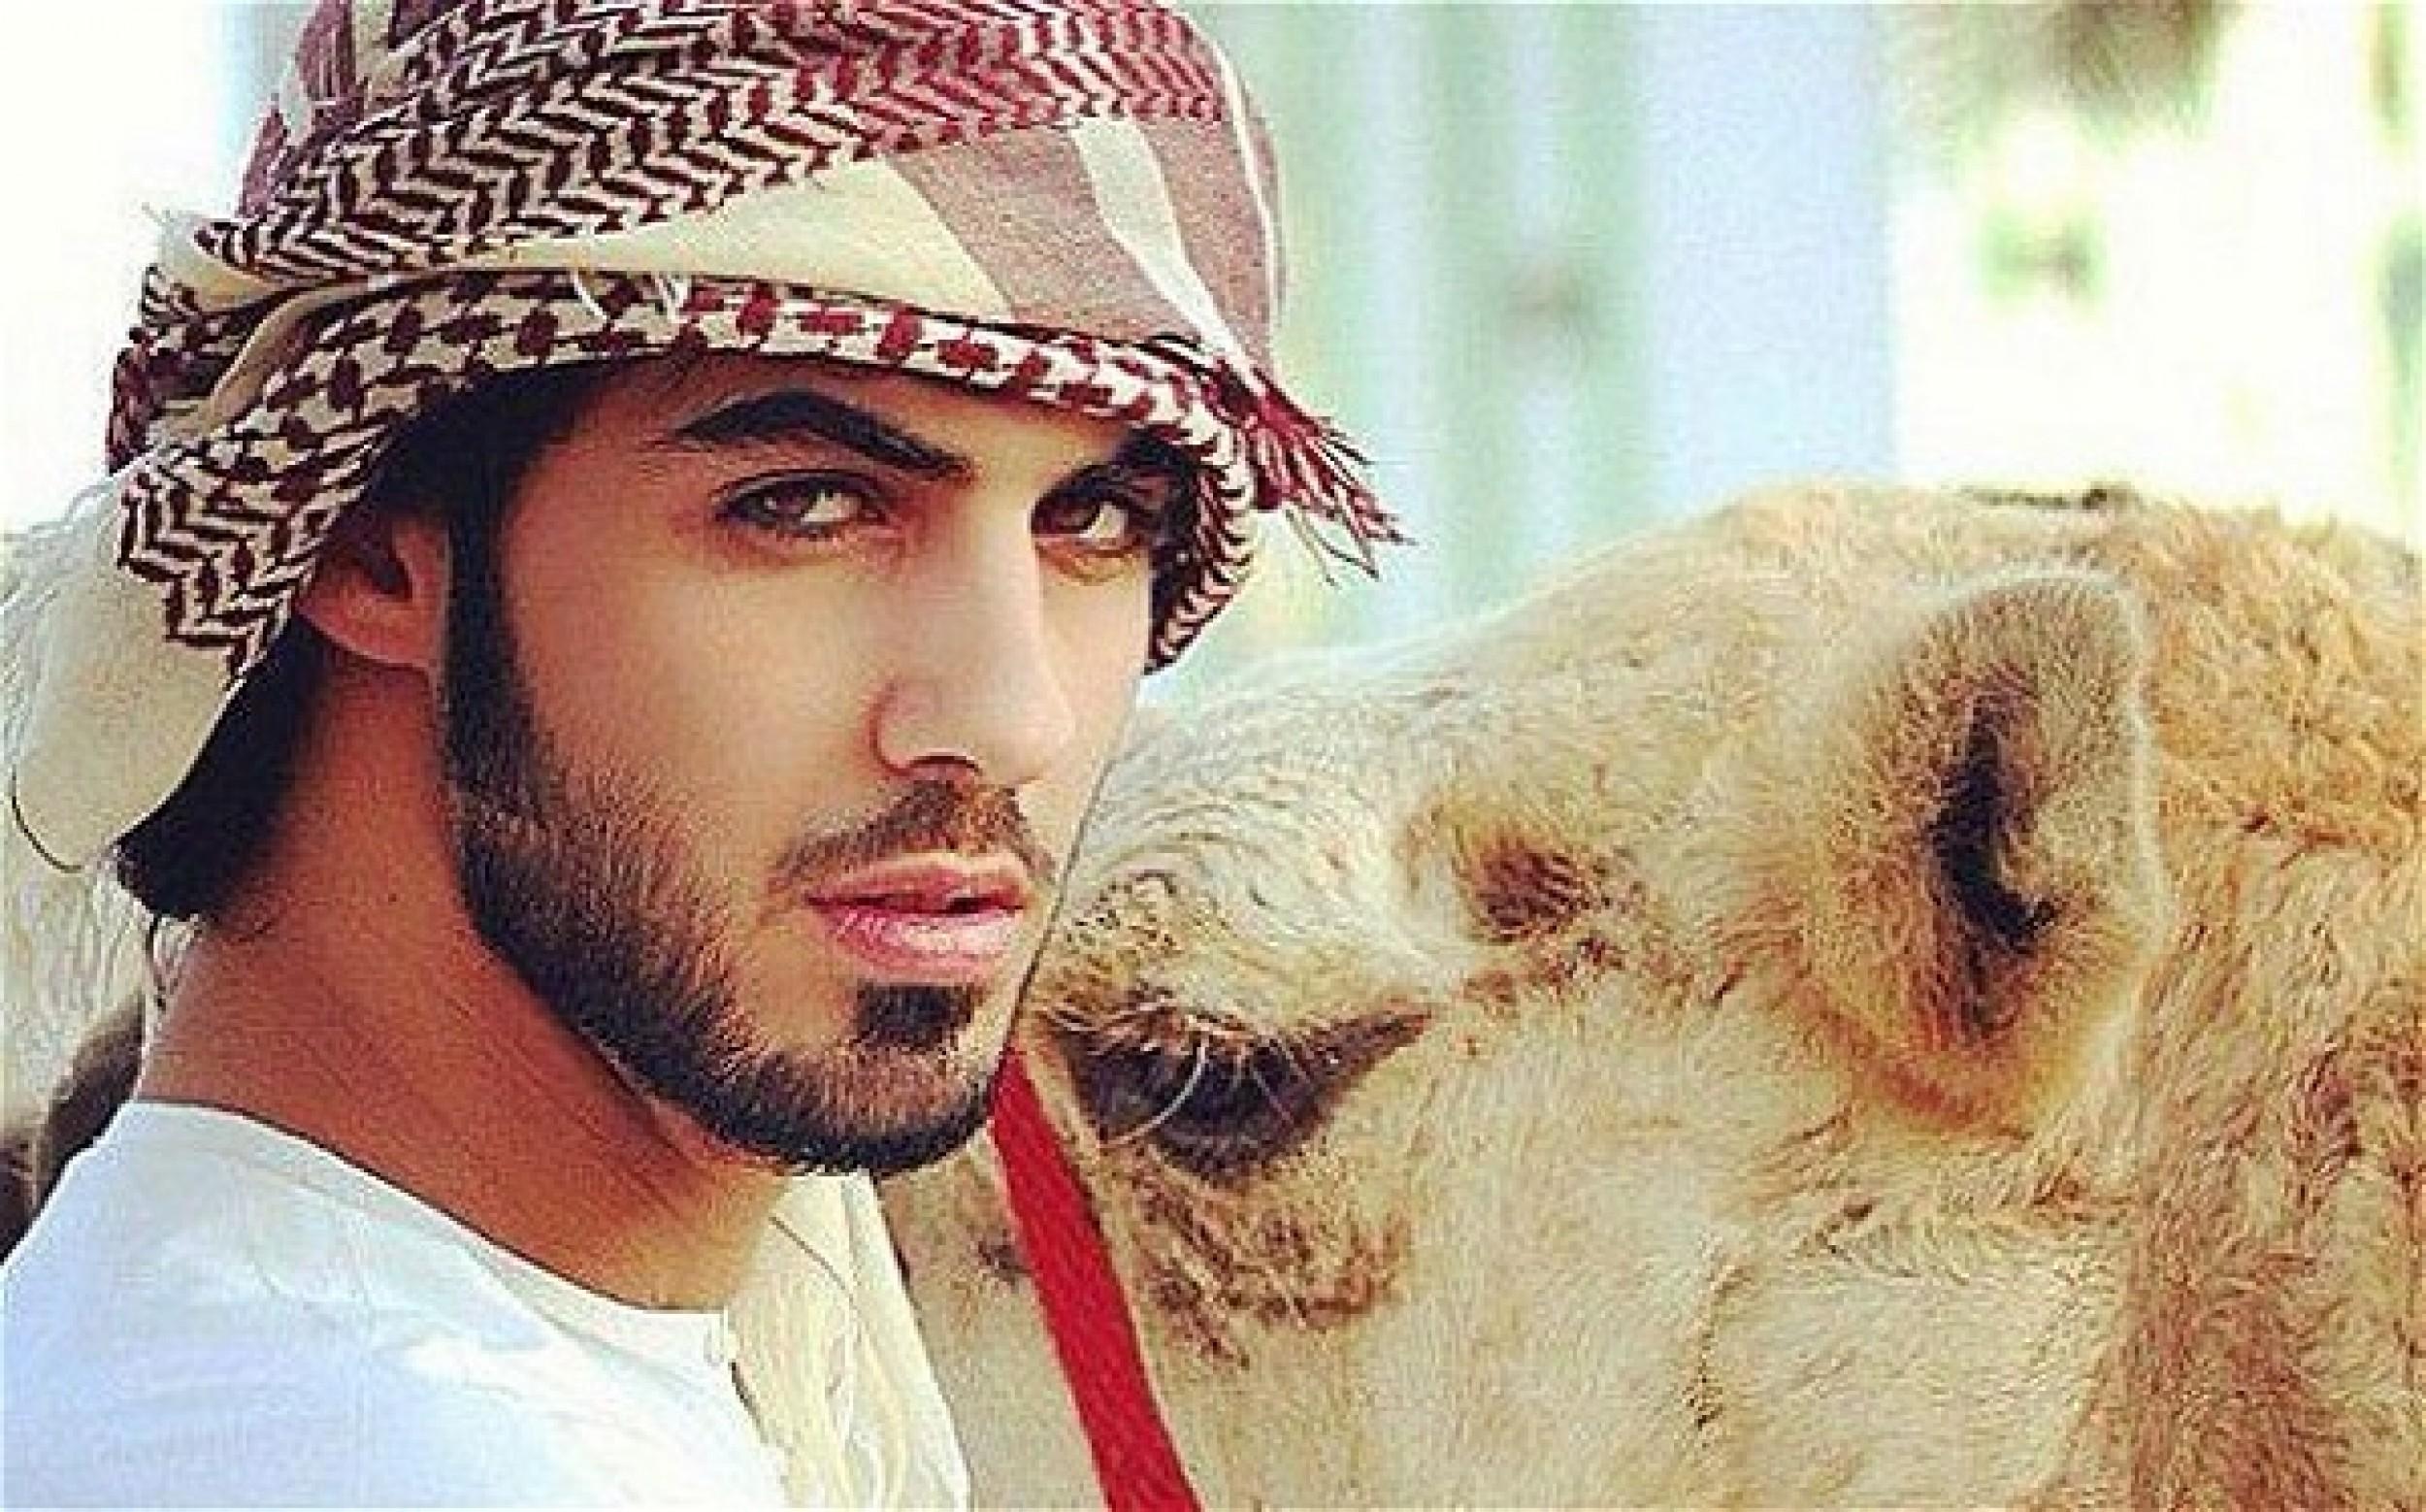 Arab férfi